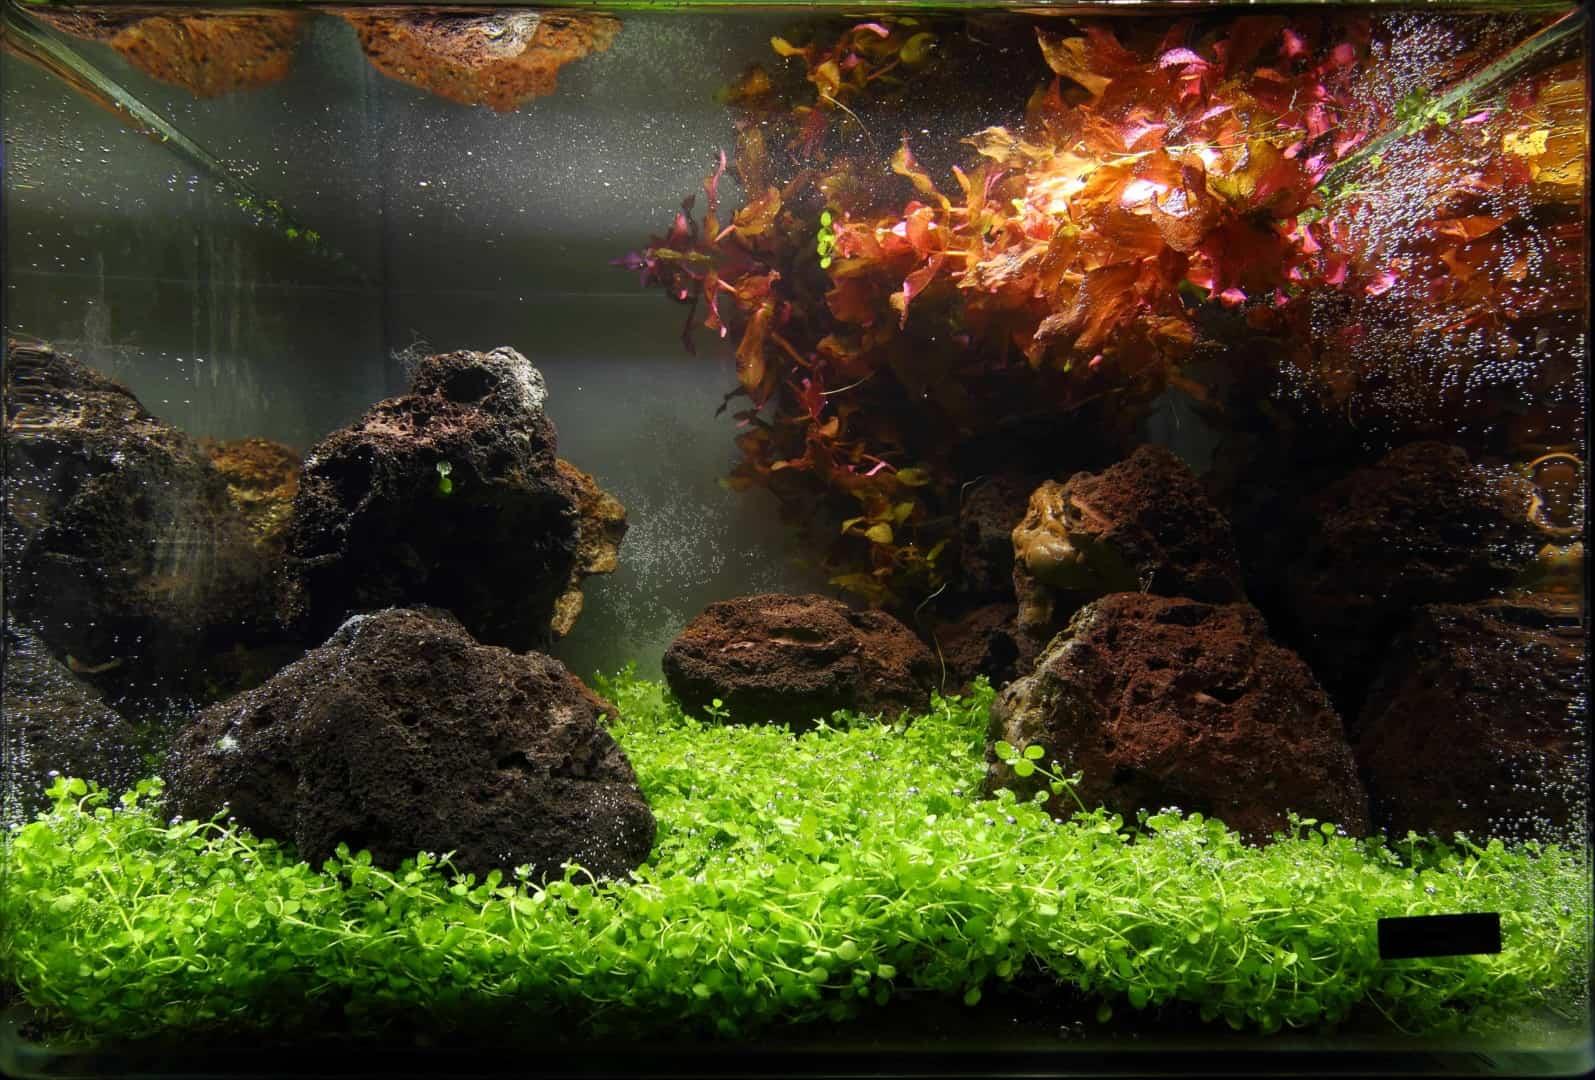 191 - The Art of the Planted Aquarium - Neuheiten und Möglichkeiten zum Mitmachen im April 2019 (Stefanie Hesse) 32